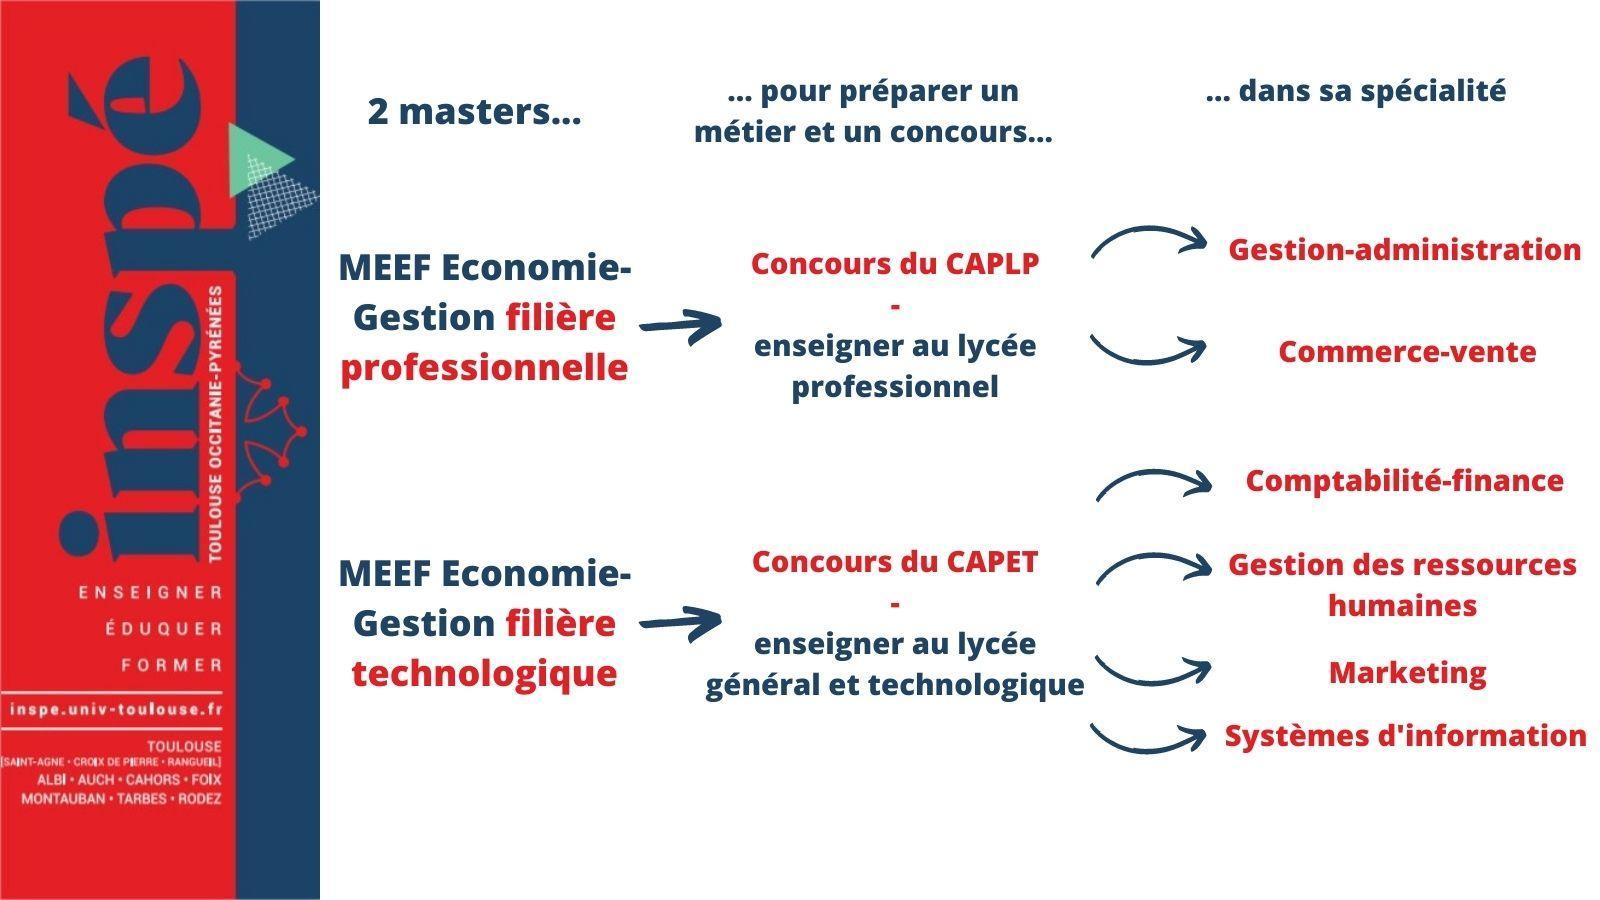 Mention 2 Parcours MEEF Economie gestion